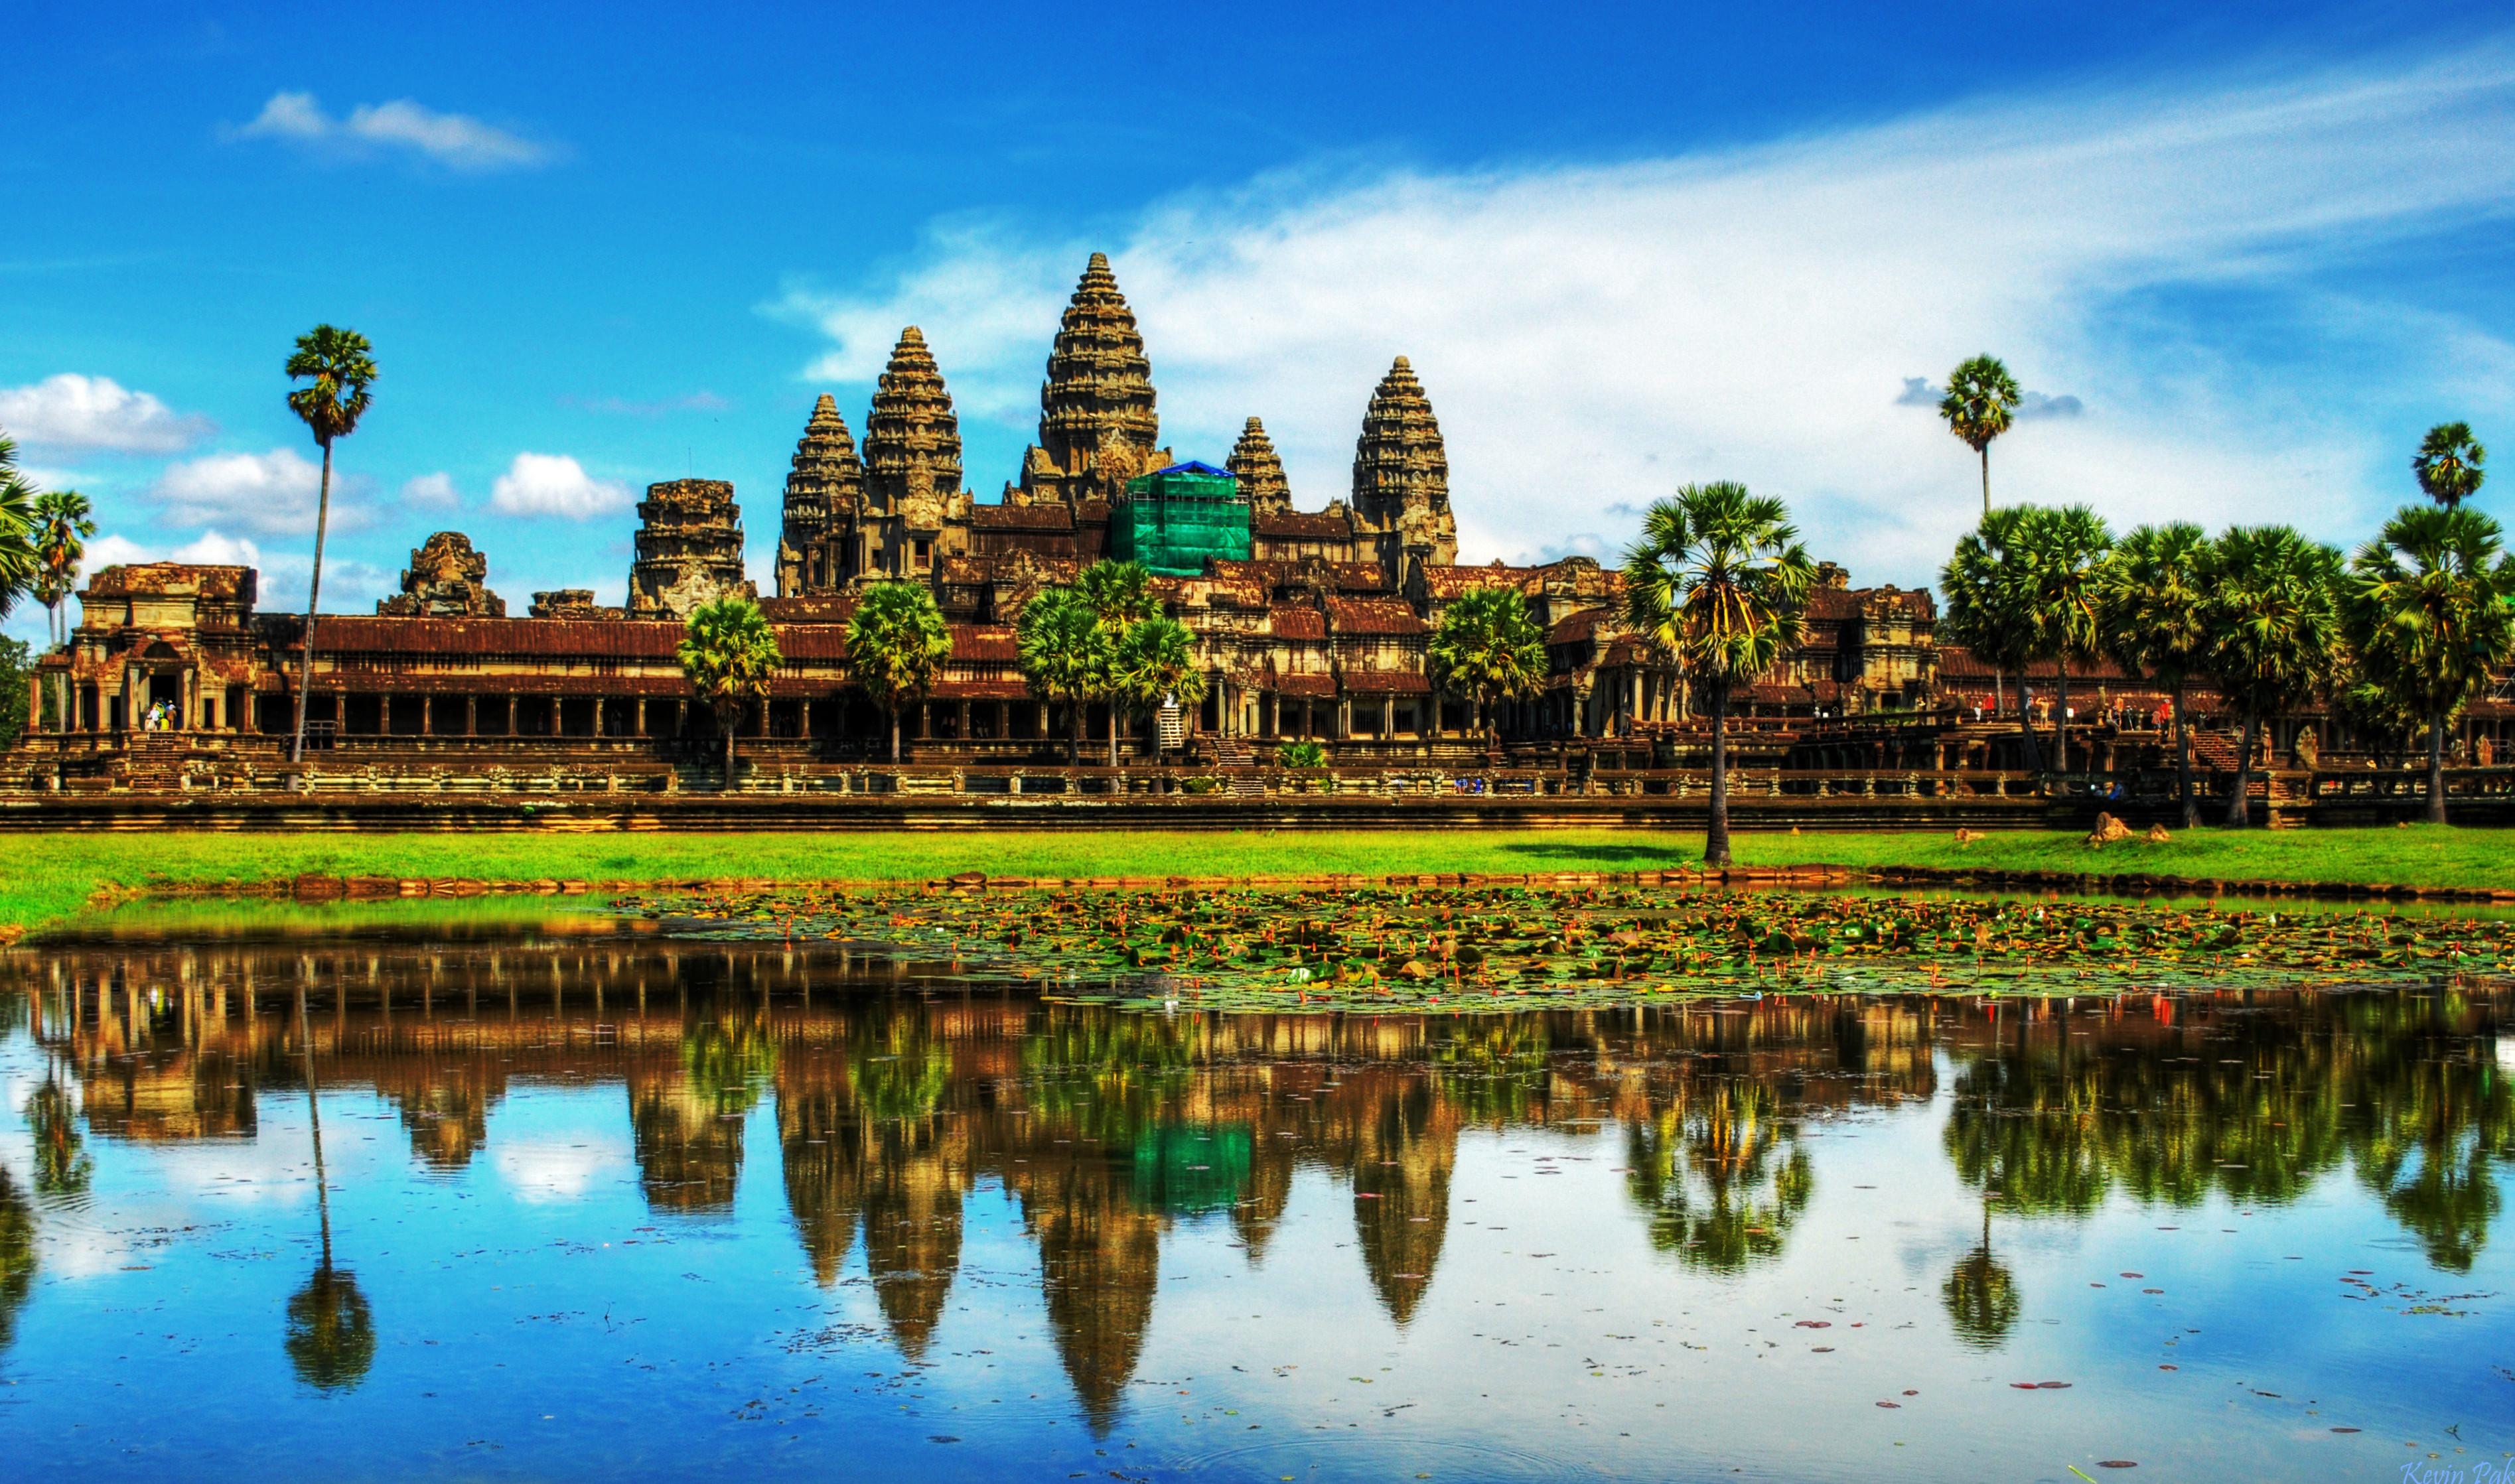 Du lịch Campuchia: Phnom Penh - Siem Riep